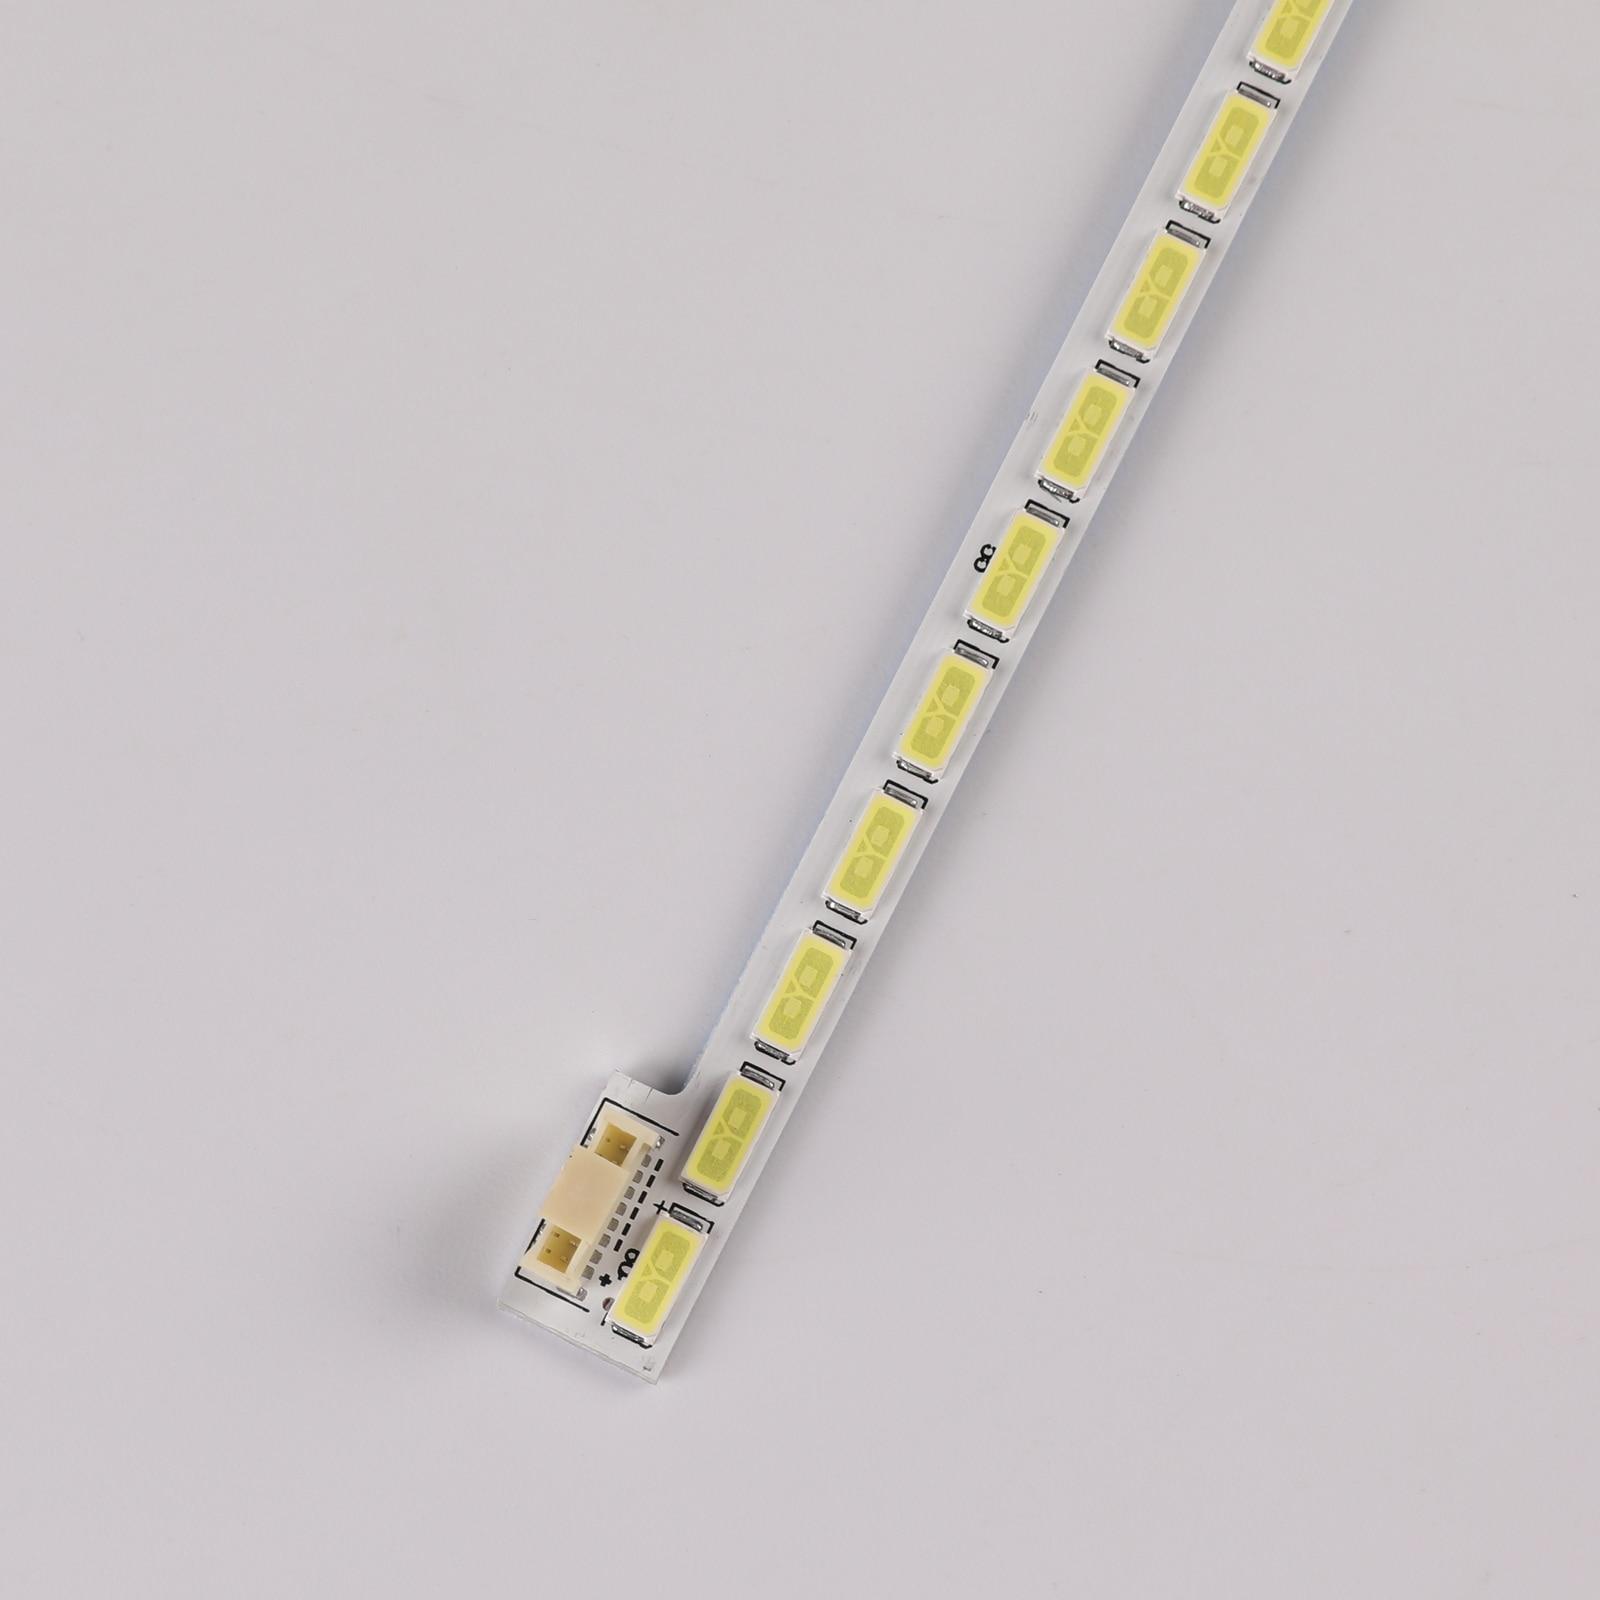 5 قطعة 60LED 525 مللي متر LED شريط إضاءة خلفي ل LG 42LS570T T420HVN01.0 74.42T23.001 7030PKG 60ea 42LS5600 42LS560T 42LS570S 42LS575S